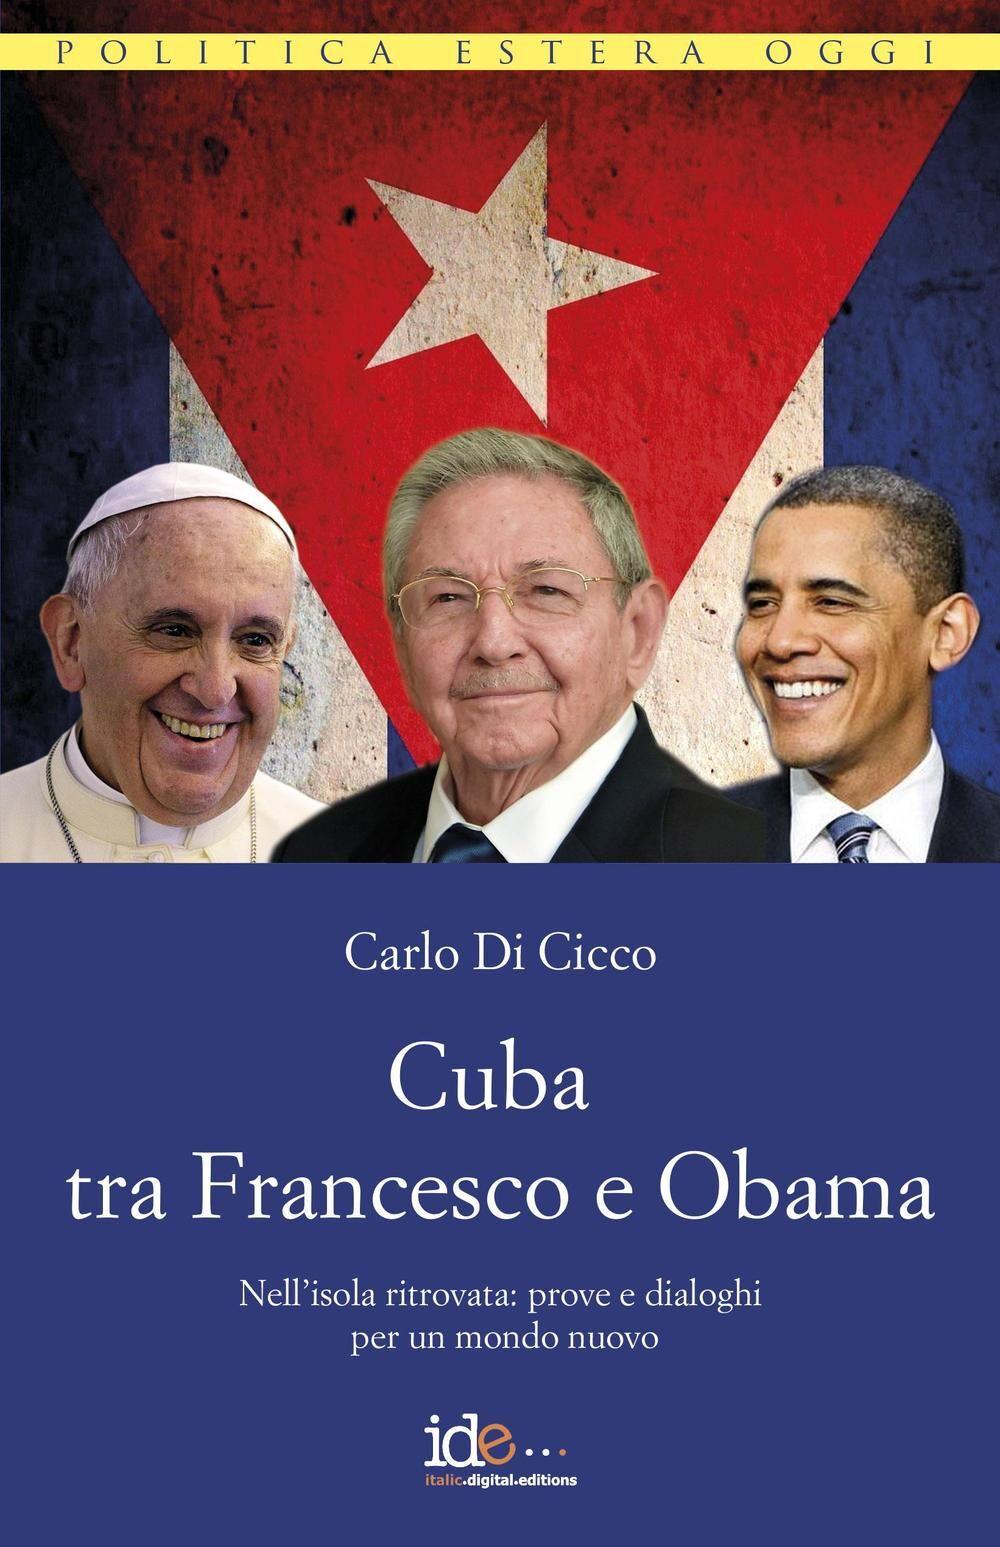 Cuba tra Francesco e Obama. Nell'isola ritrovata: prove e dialoghi per un mondo nuovo